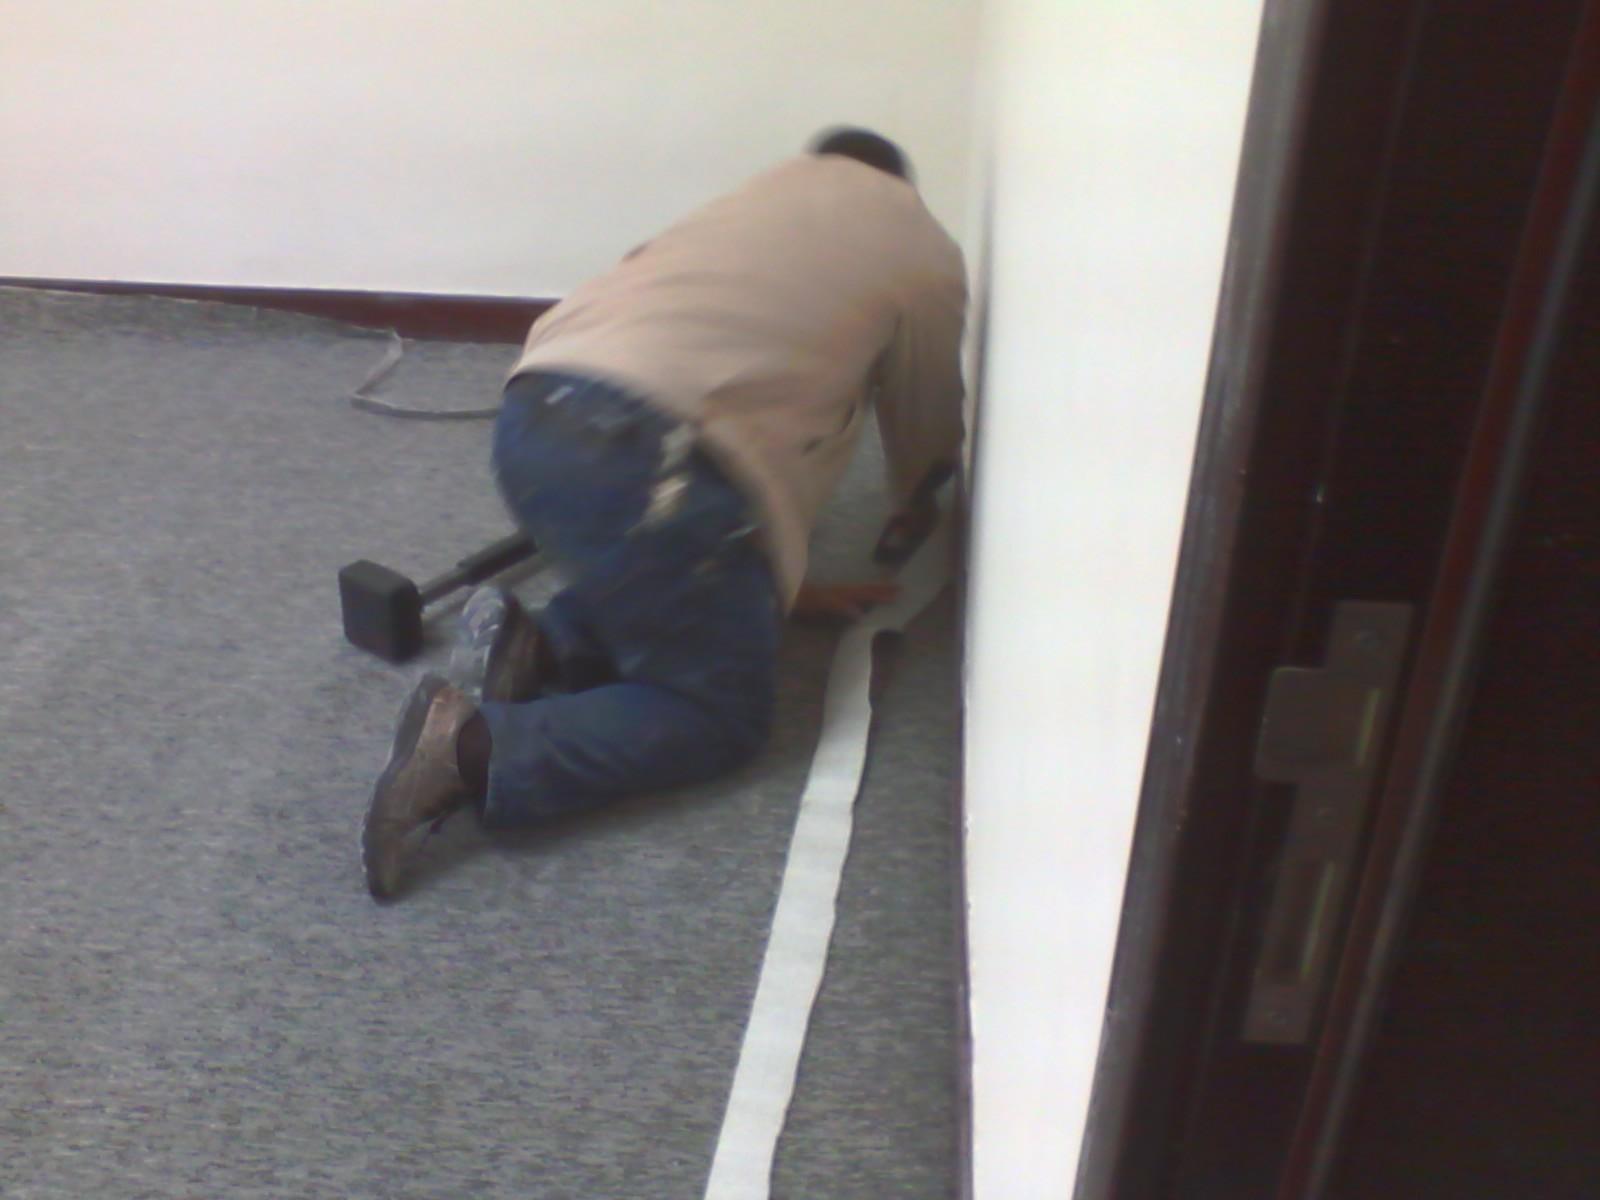 雅顺办公地毯的品质及作用: 此款地毯具有抗静电抗压,健康环保,强效抗菌,耐腐蚀,耐磨损等特点,适用于高档酒店,别墅等。采用最先进机织高档丙纶簇绒地毯,符合国际标准进行防菌, 防污处理,具有阻燃,耐磨,隔音,隔热,抗静电, 防焰环保等优良品质。外观效果与实际品质卓越,尺寸稳定 不散边,不毛边,脚感舒适,保温,吸音效果优.